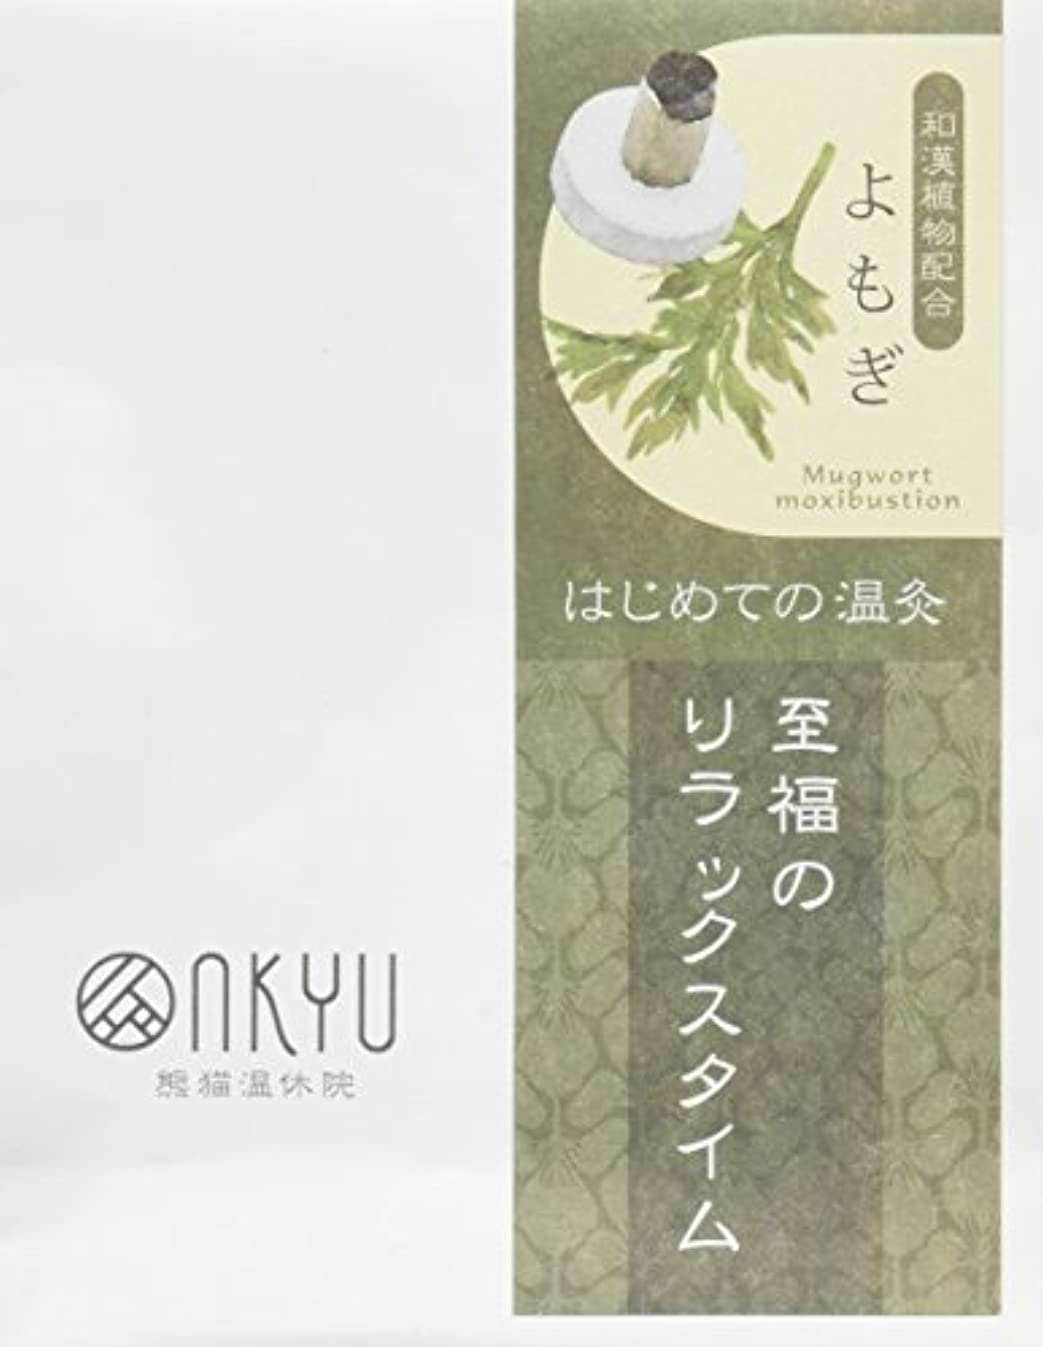 知り合い該当する暴力的な和漢植物配合 温灸 よもぎの温灸10粒